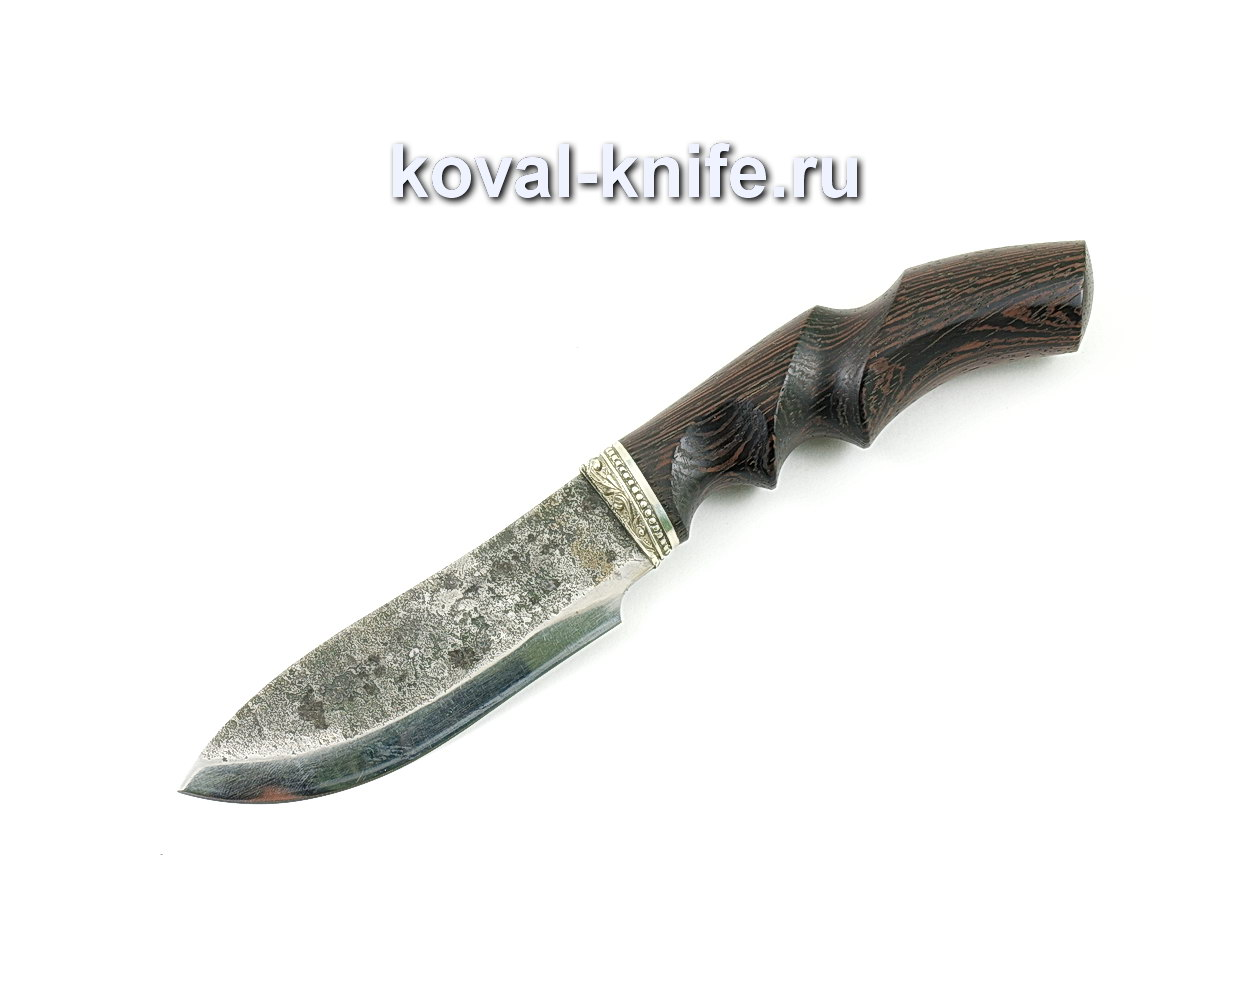 Нож Кабан из стали 9хс (анатомическая рукоять венге) A404